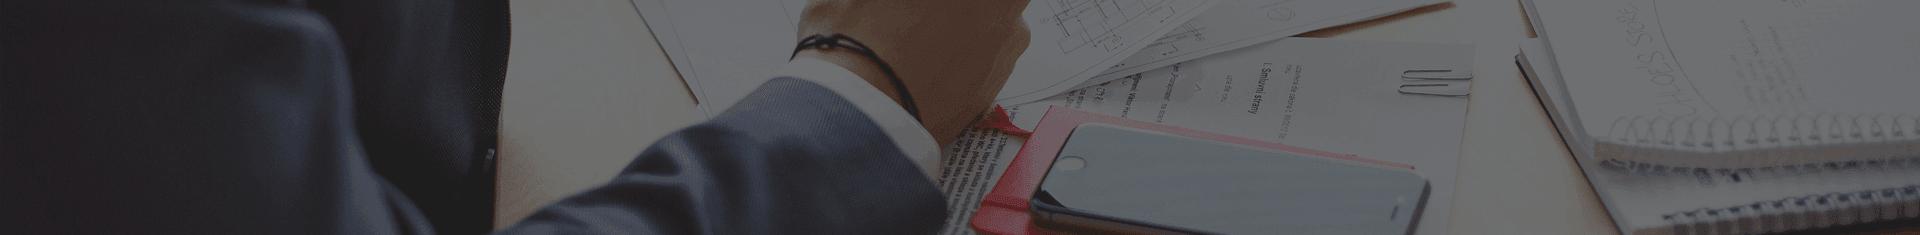 Про порядок оподаткування ПДВ операцій з постачання послуг та реєстрації ОСББ як платника податку